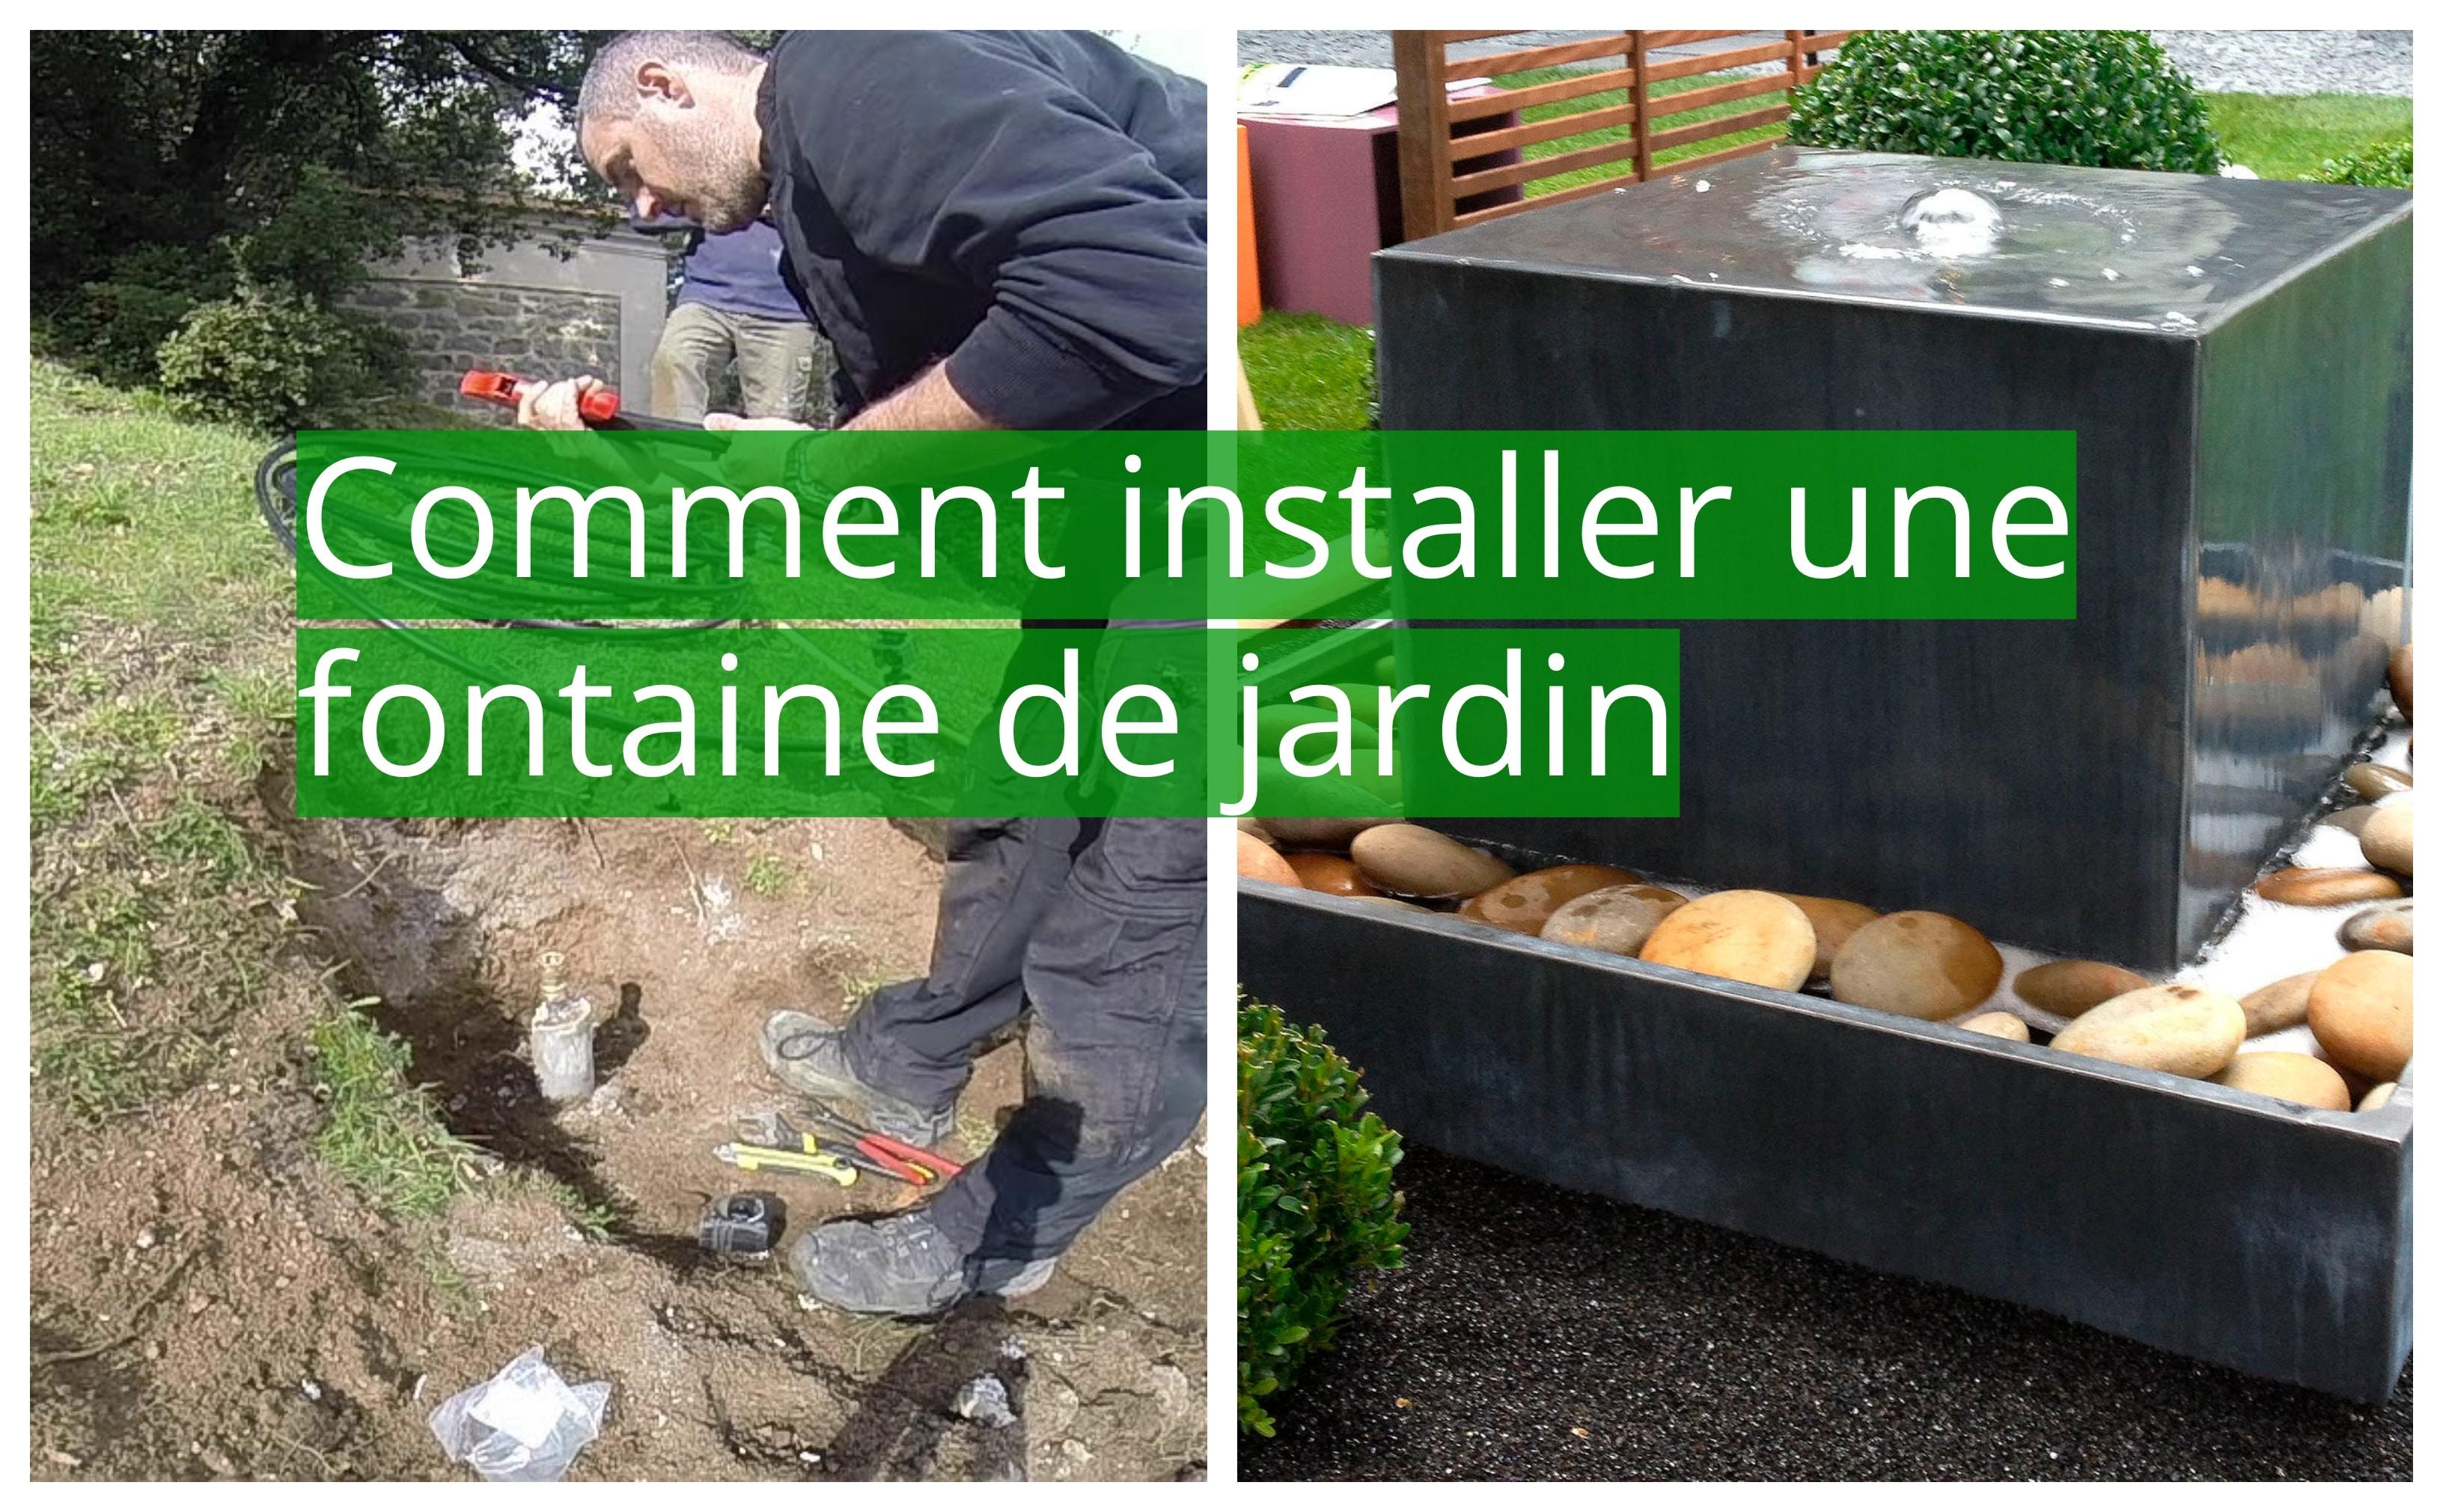 Photo Fontaine De Jardin comment installer une fontaine de jardin : nos 7 conseils